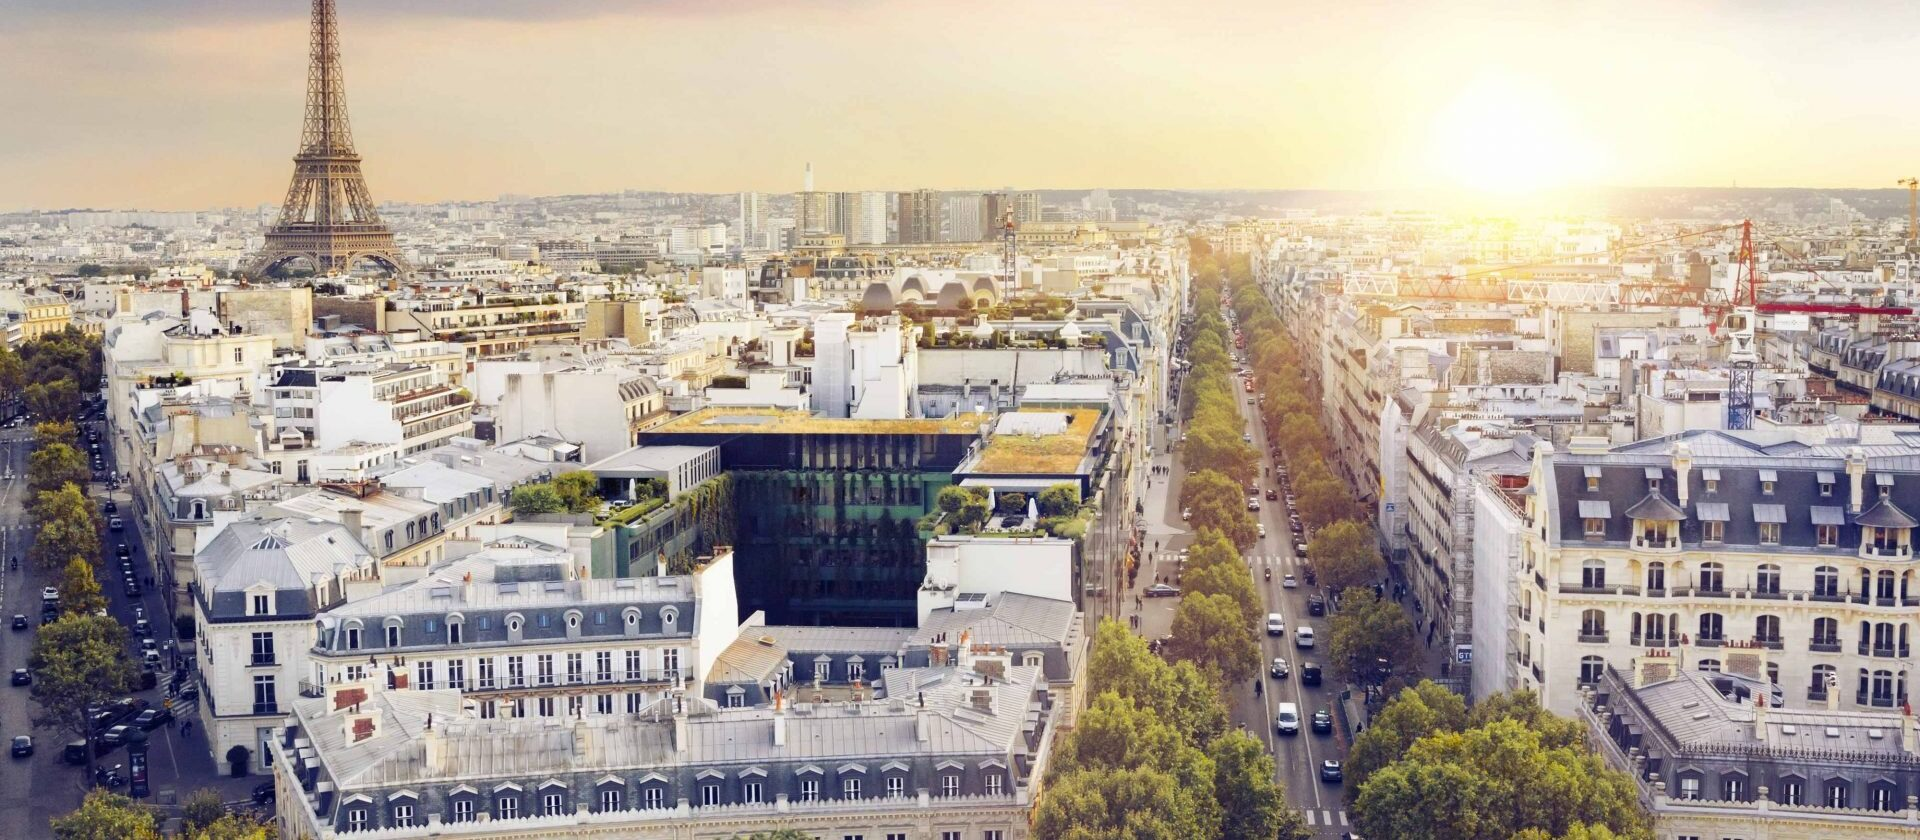 Paris Moments Tour Eifel